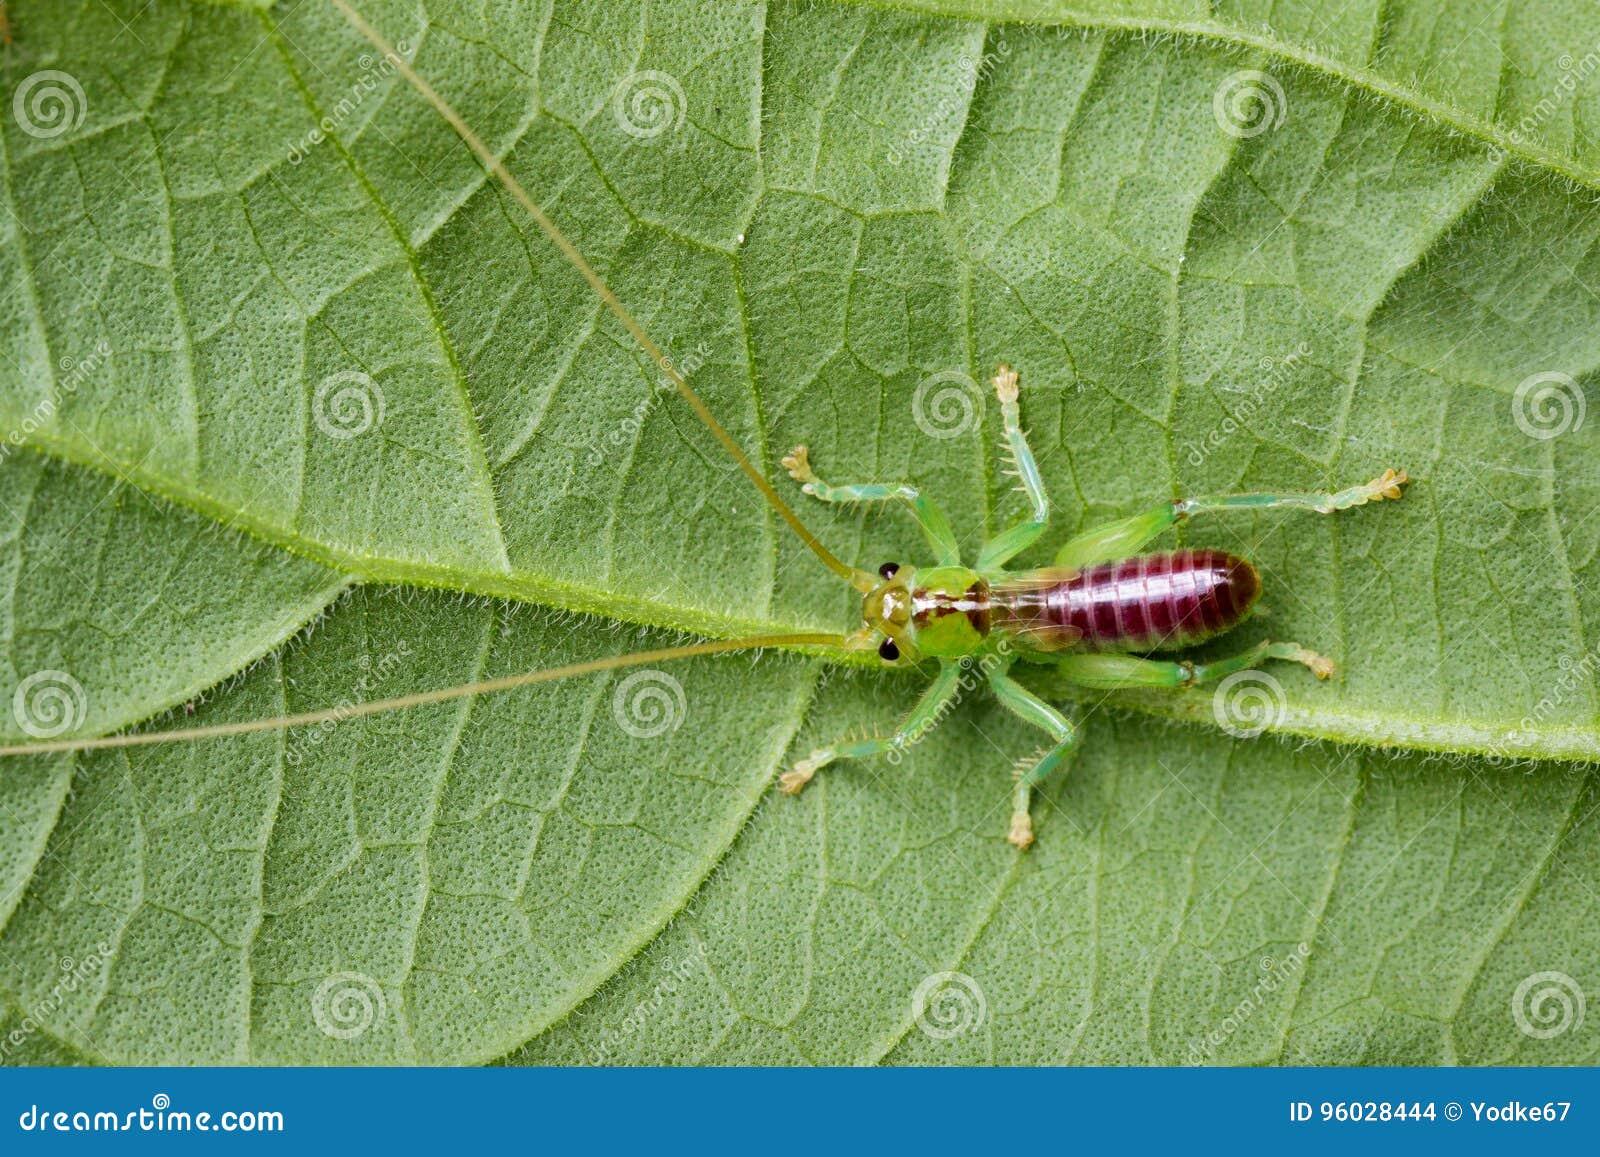 Wizerunek krykiet zieleń na zielonych liściach insekt